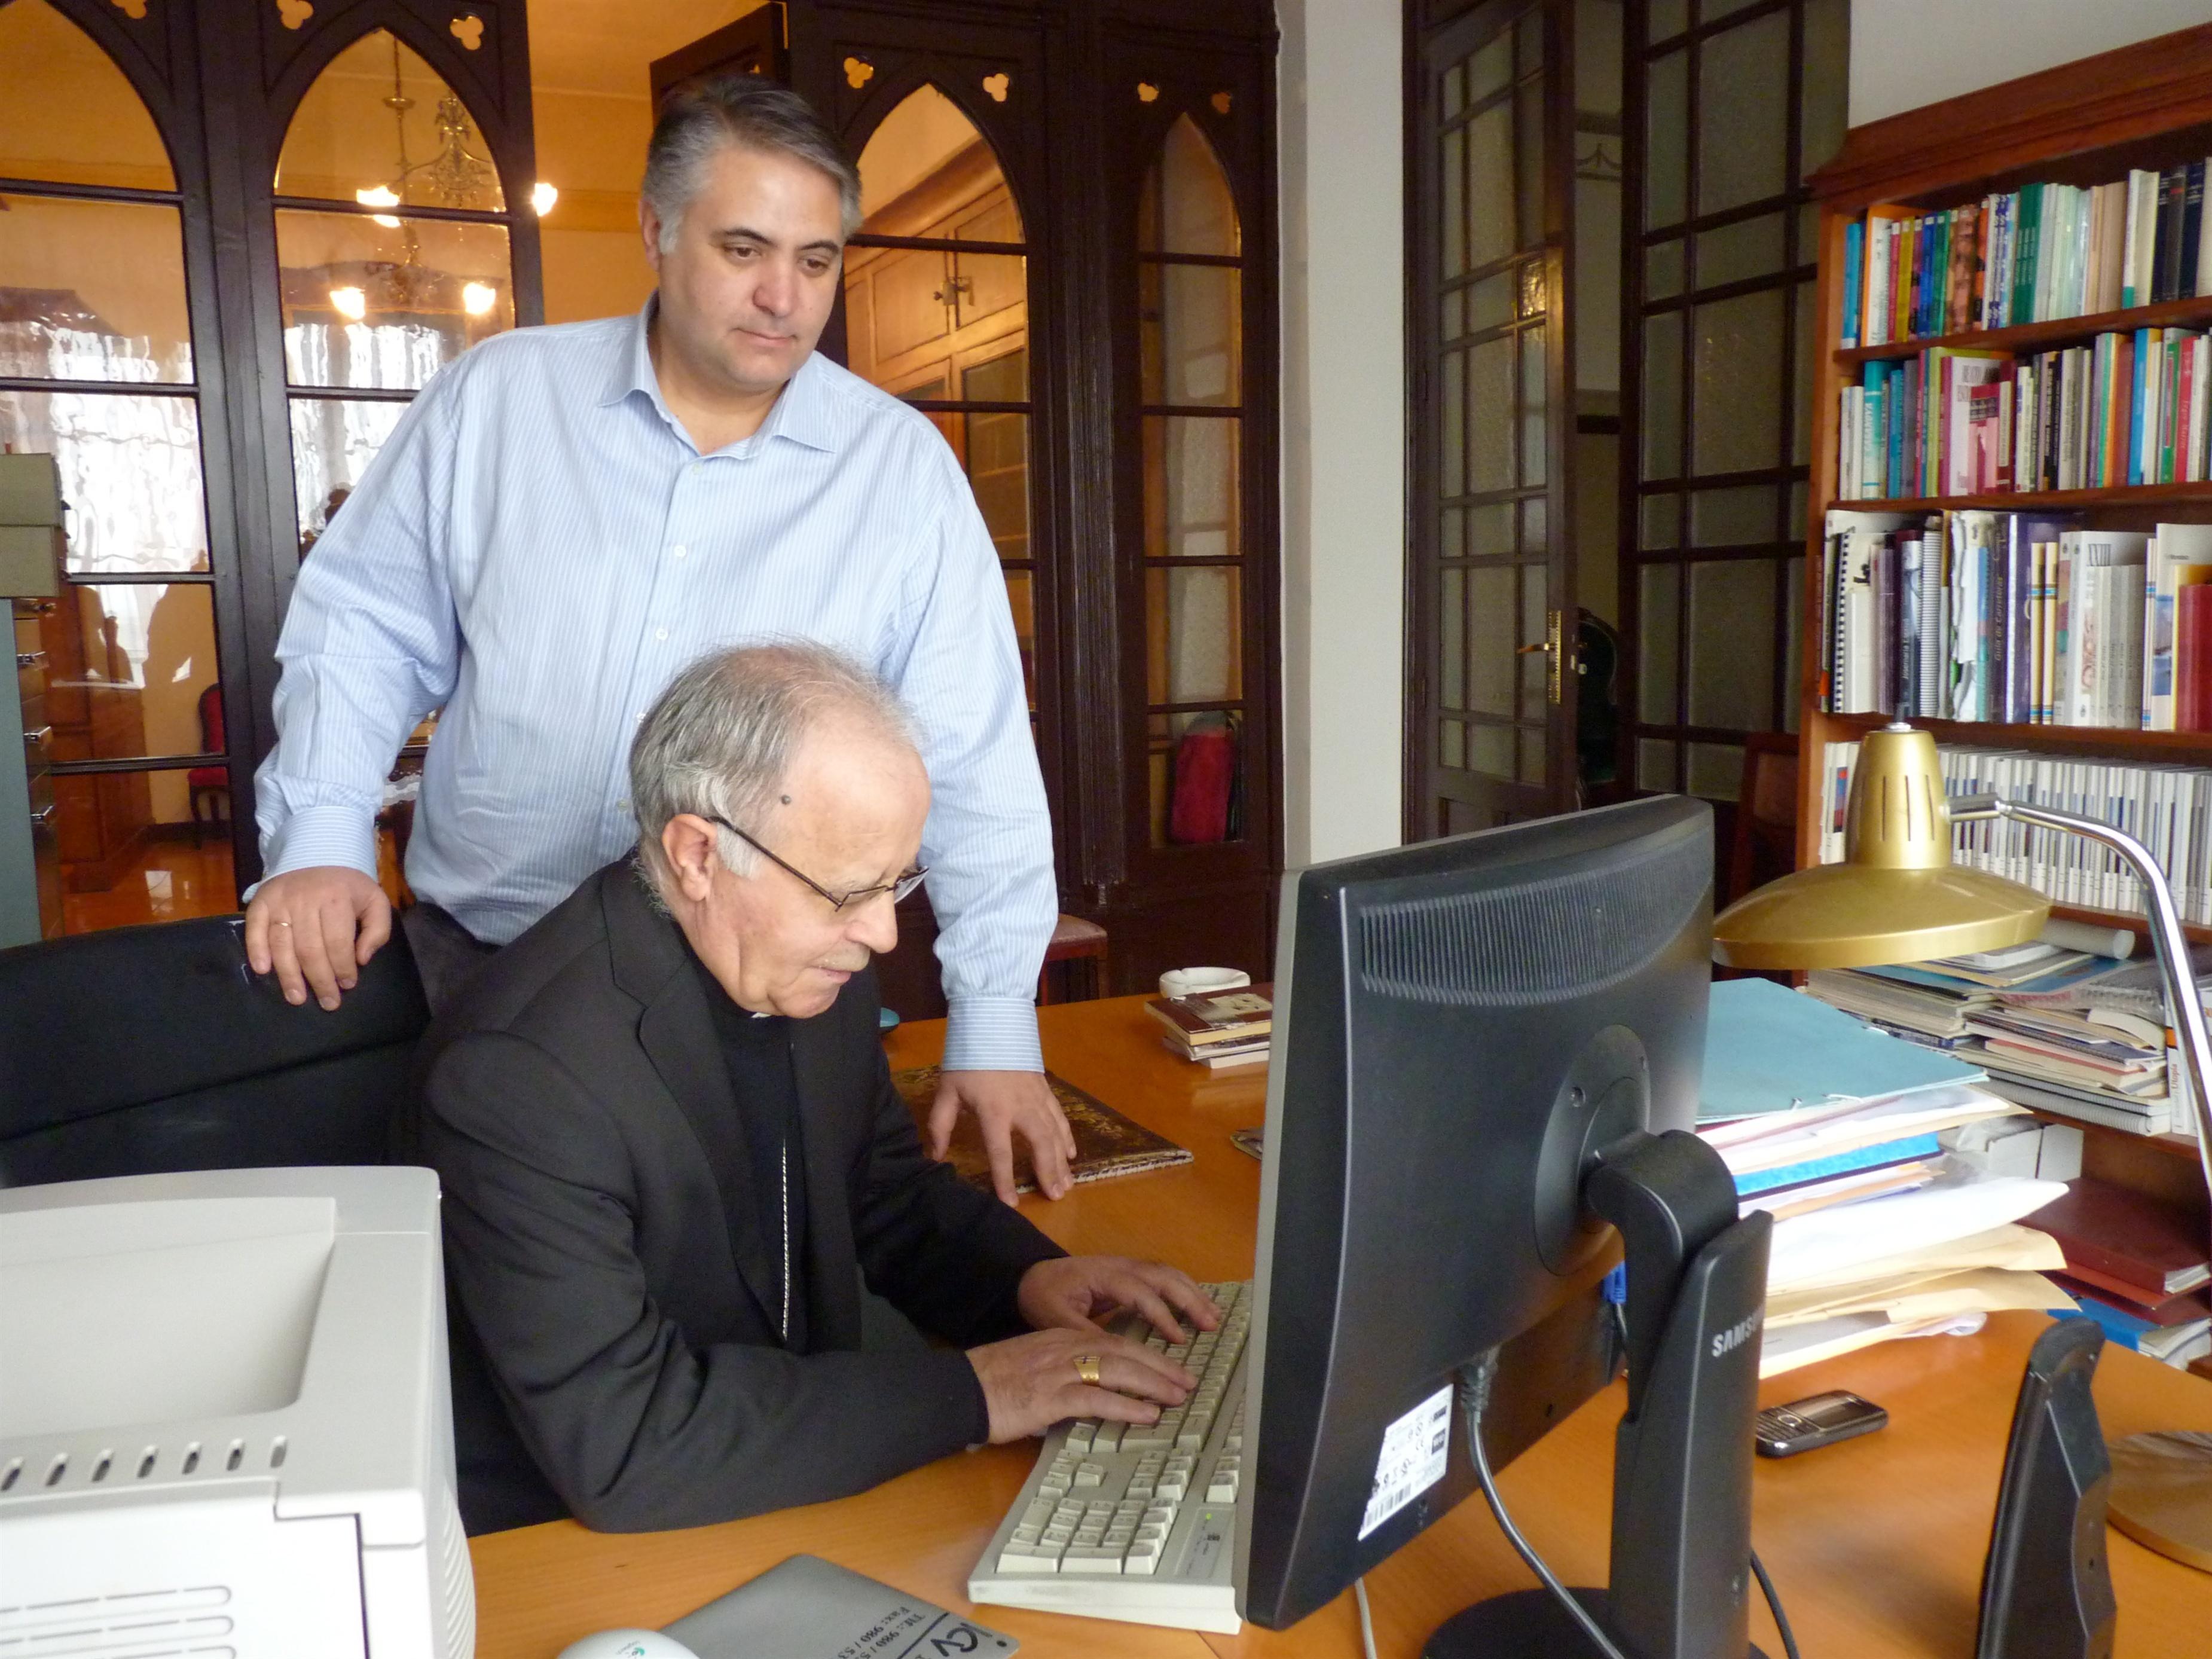 El obispo de Zamora estrena su perfil en Twitter con un mensaje de felicitación de la Navidad